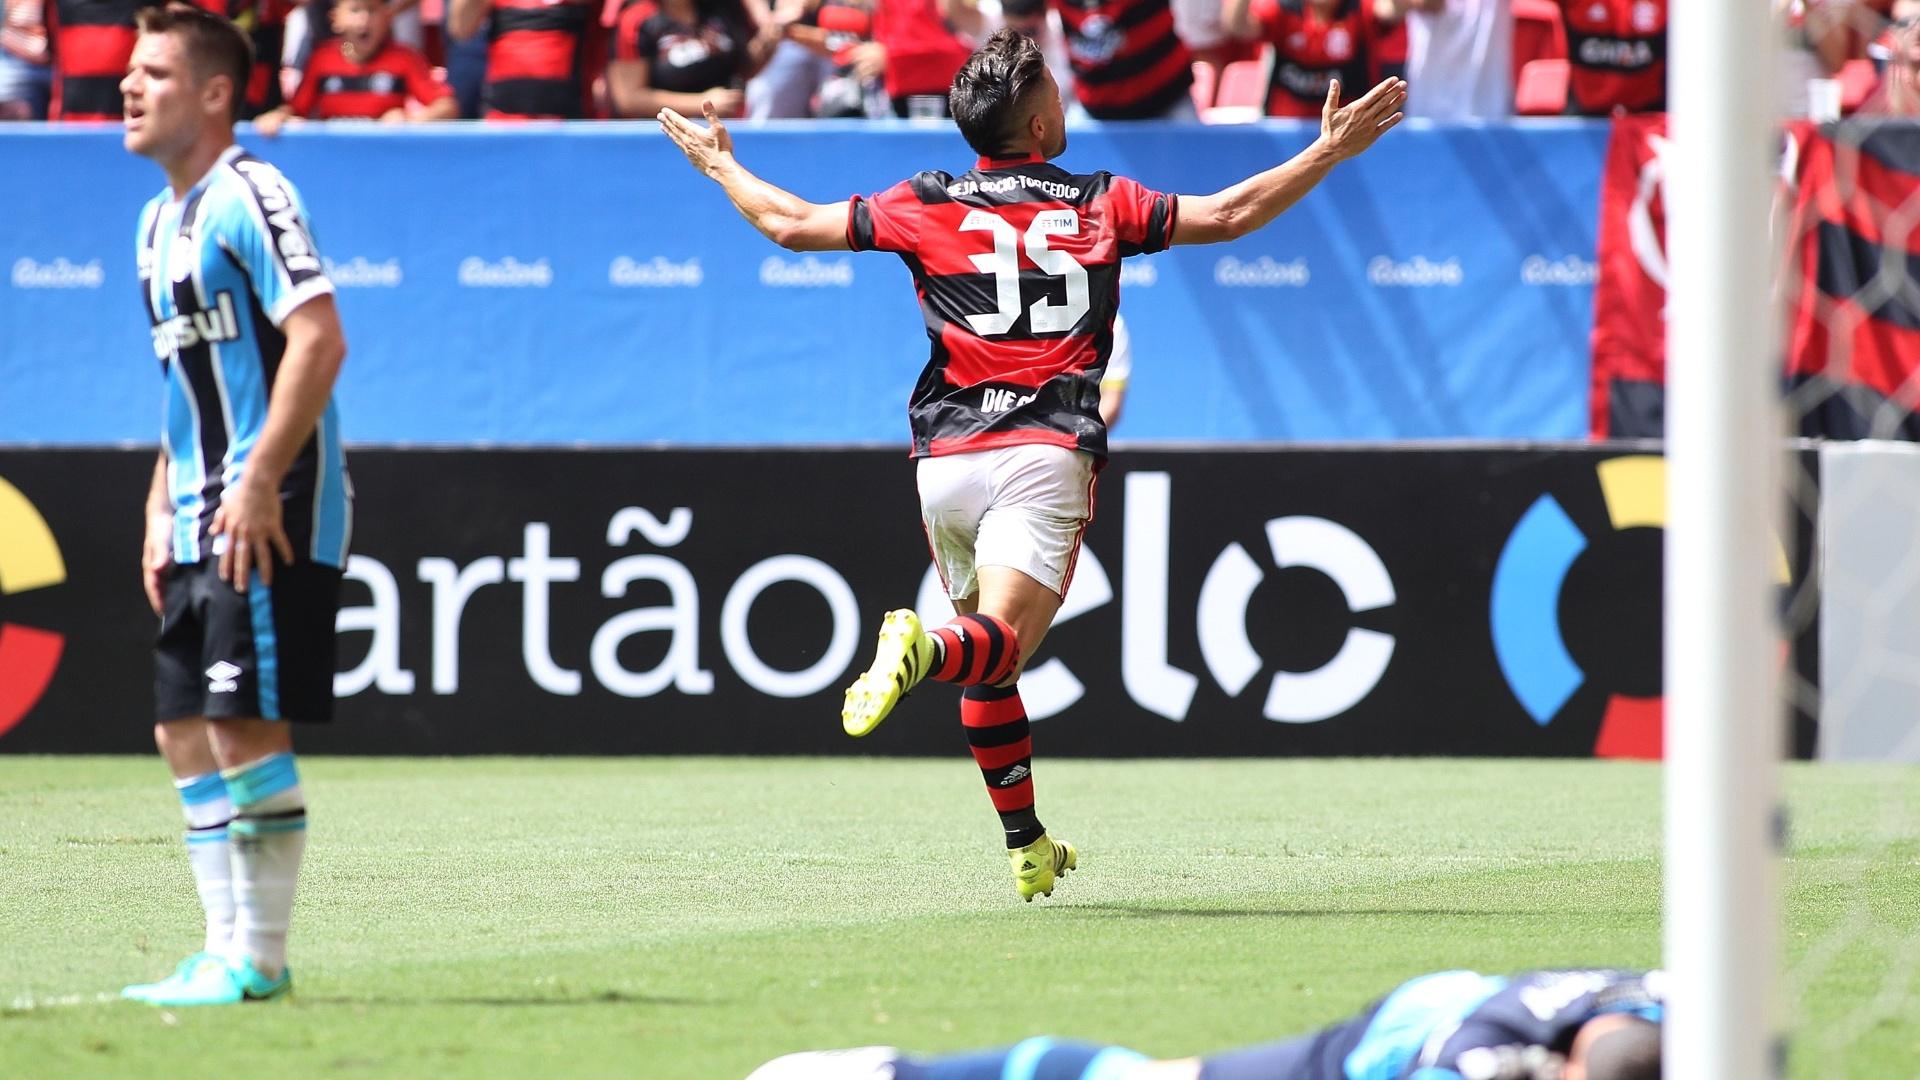 Diego comemora o primeiro gol pelo Flamengo na vitória por 2 a 1 sobre o Grêmio